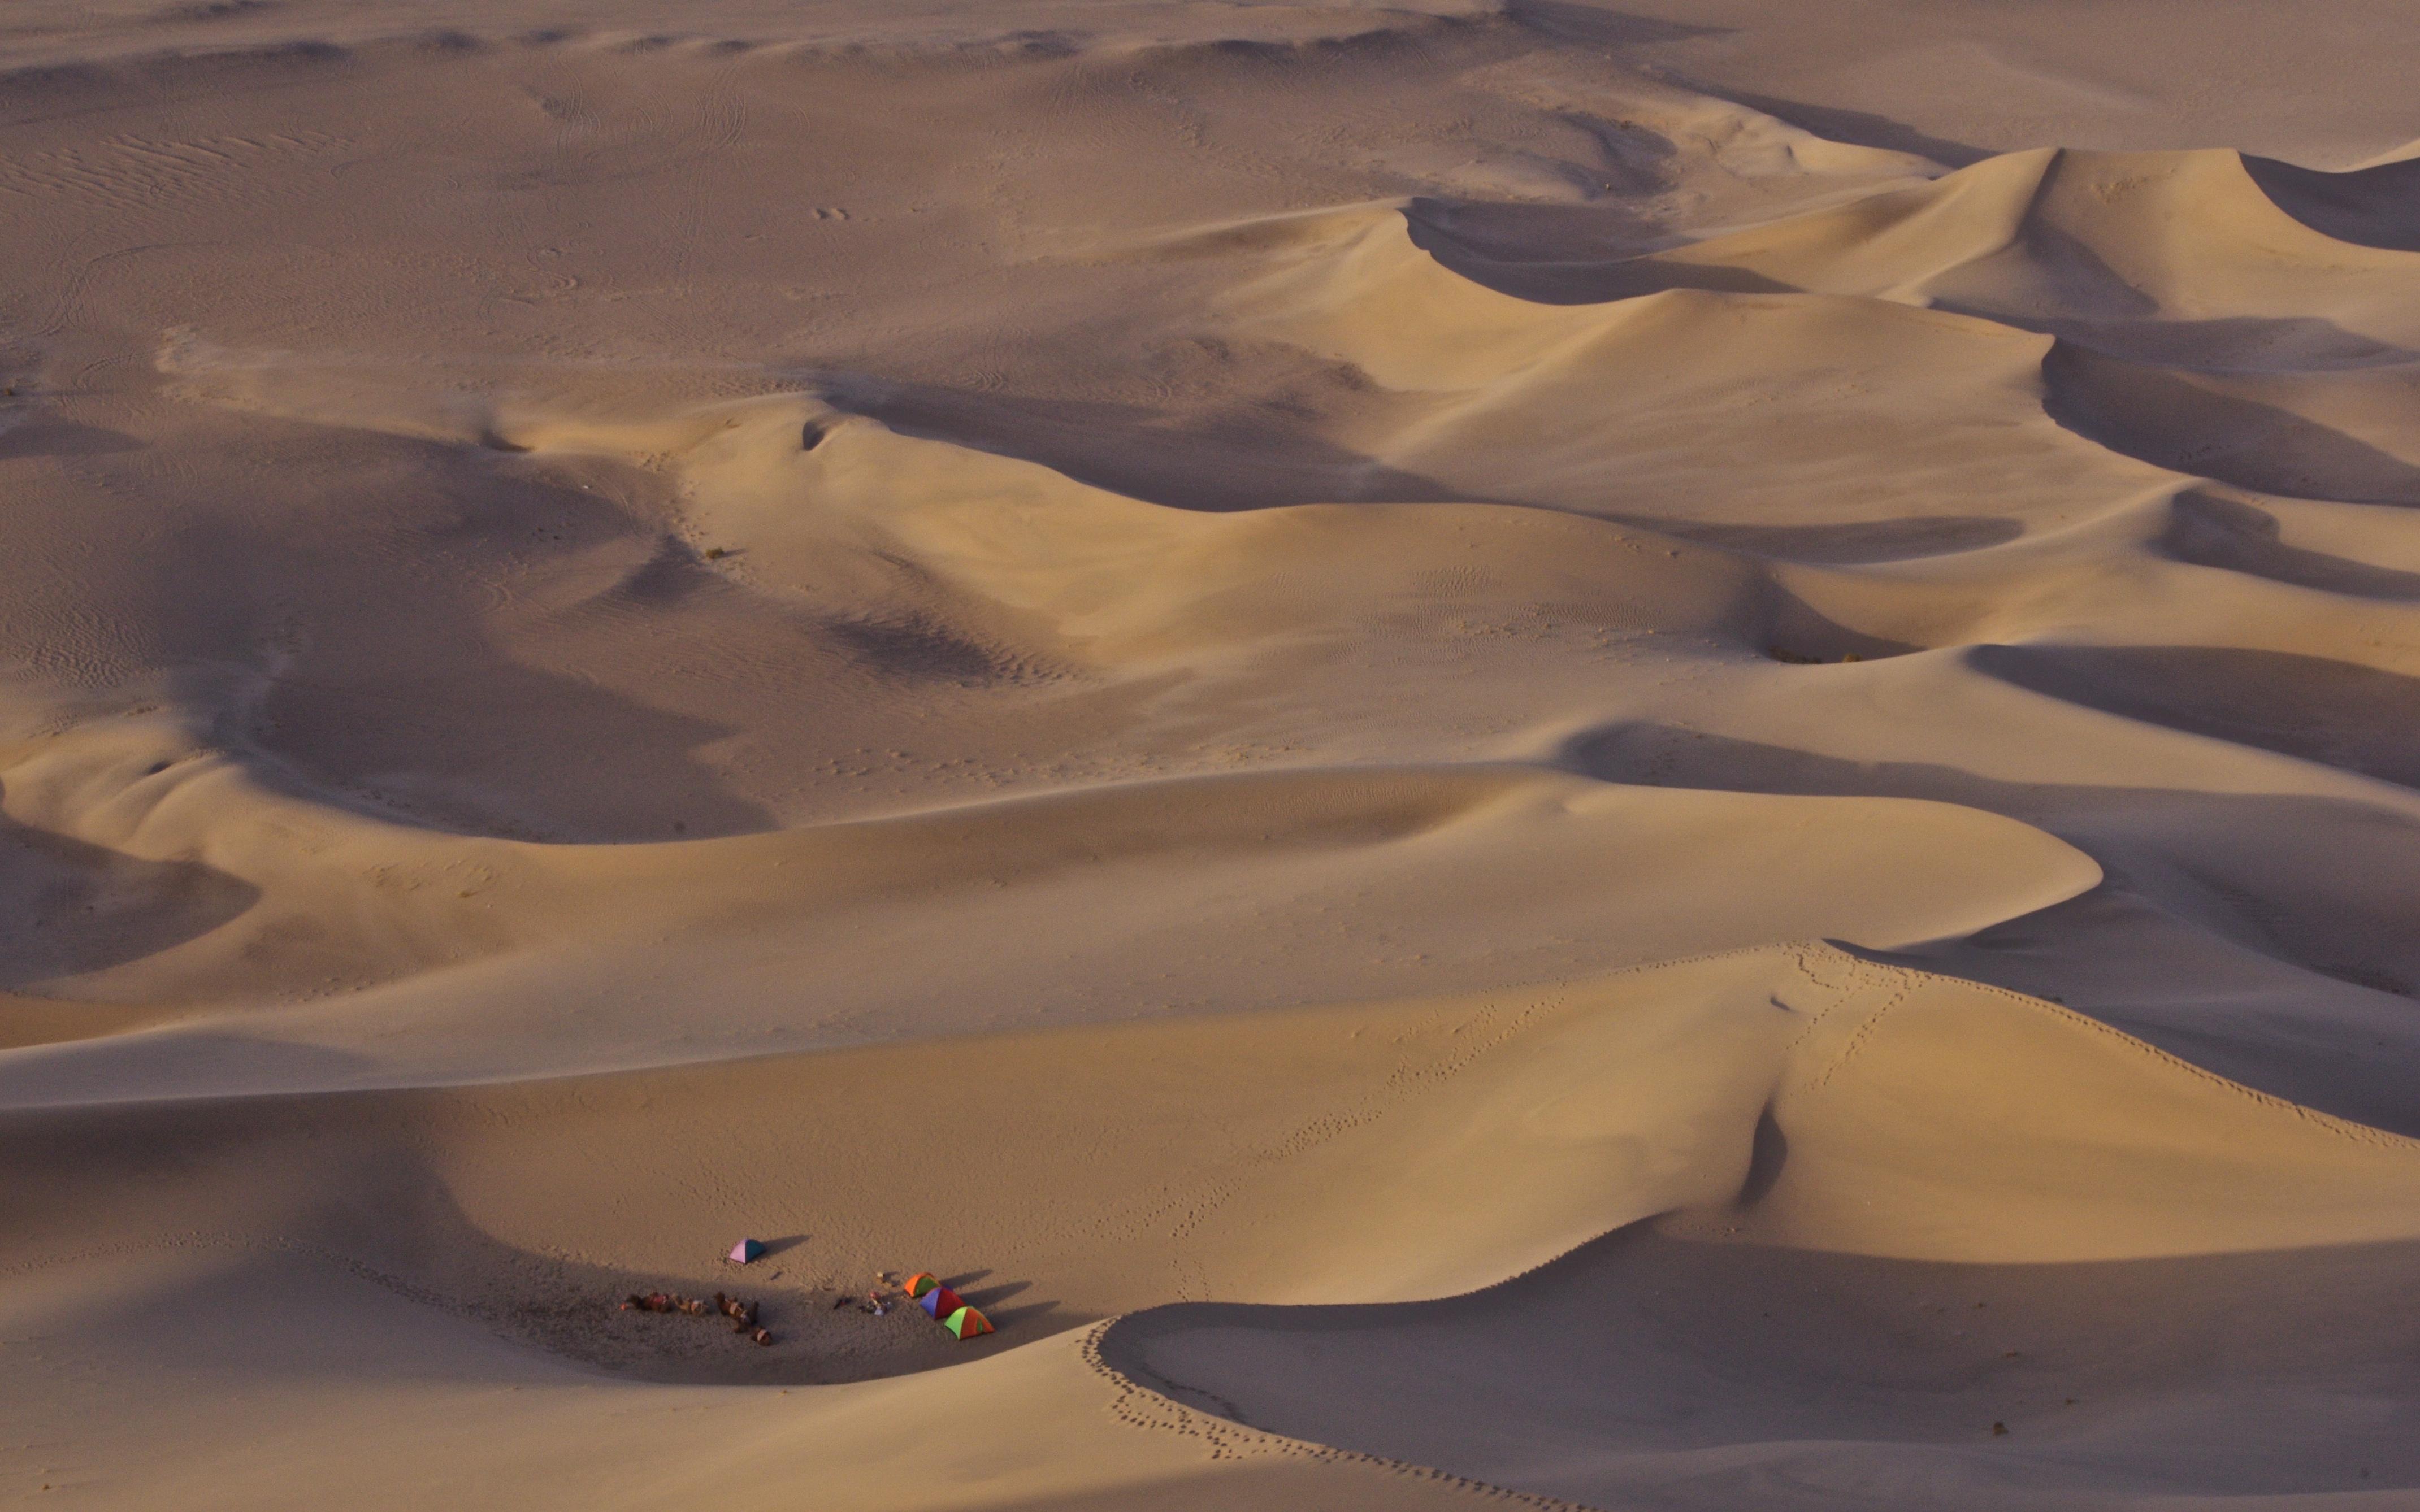 Sand dunes of the Gobi Desert